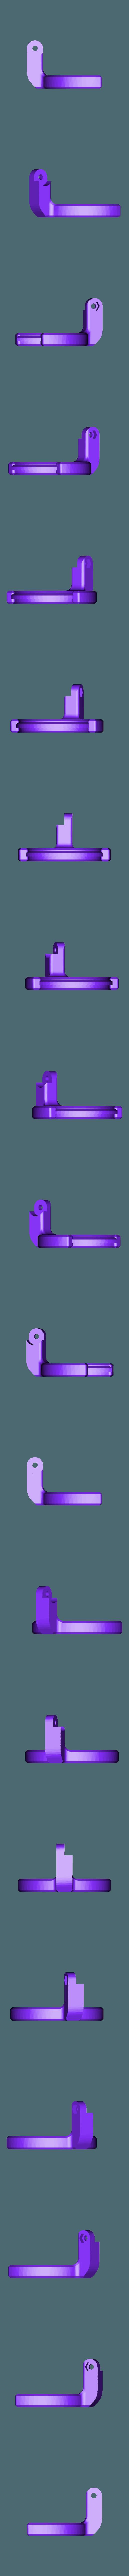 Mount2.STL Télécharger fichier STL gratuit Projecteur GU5.3 • Design pour imprimante 3D, MrCrankyface